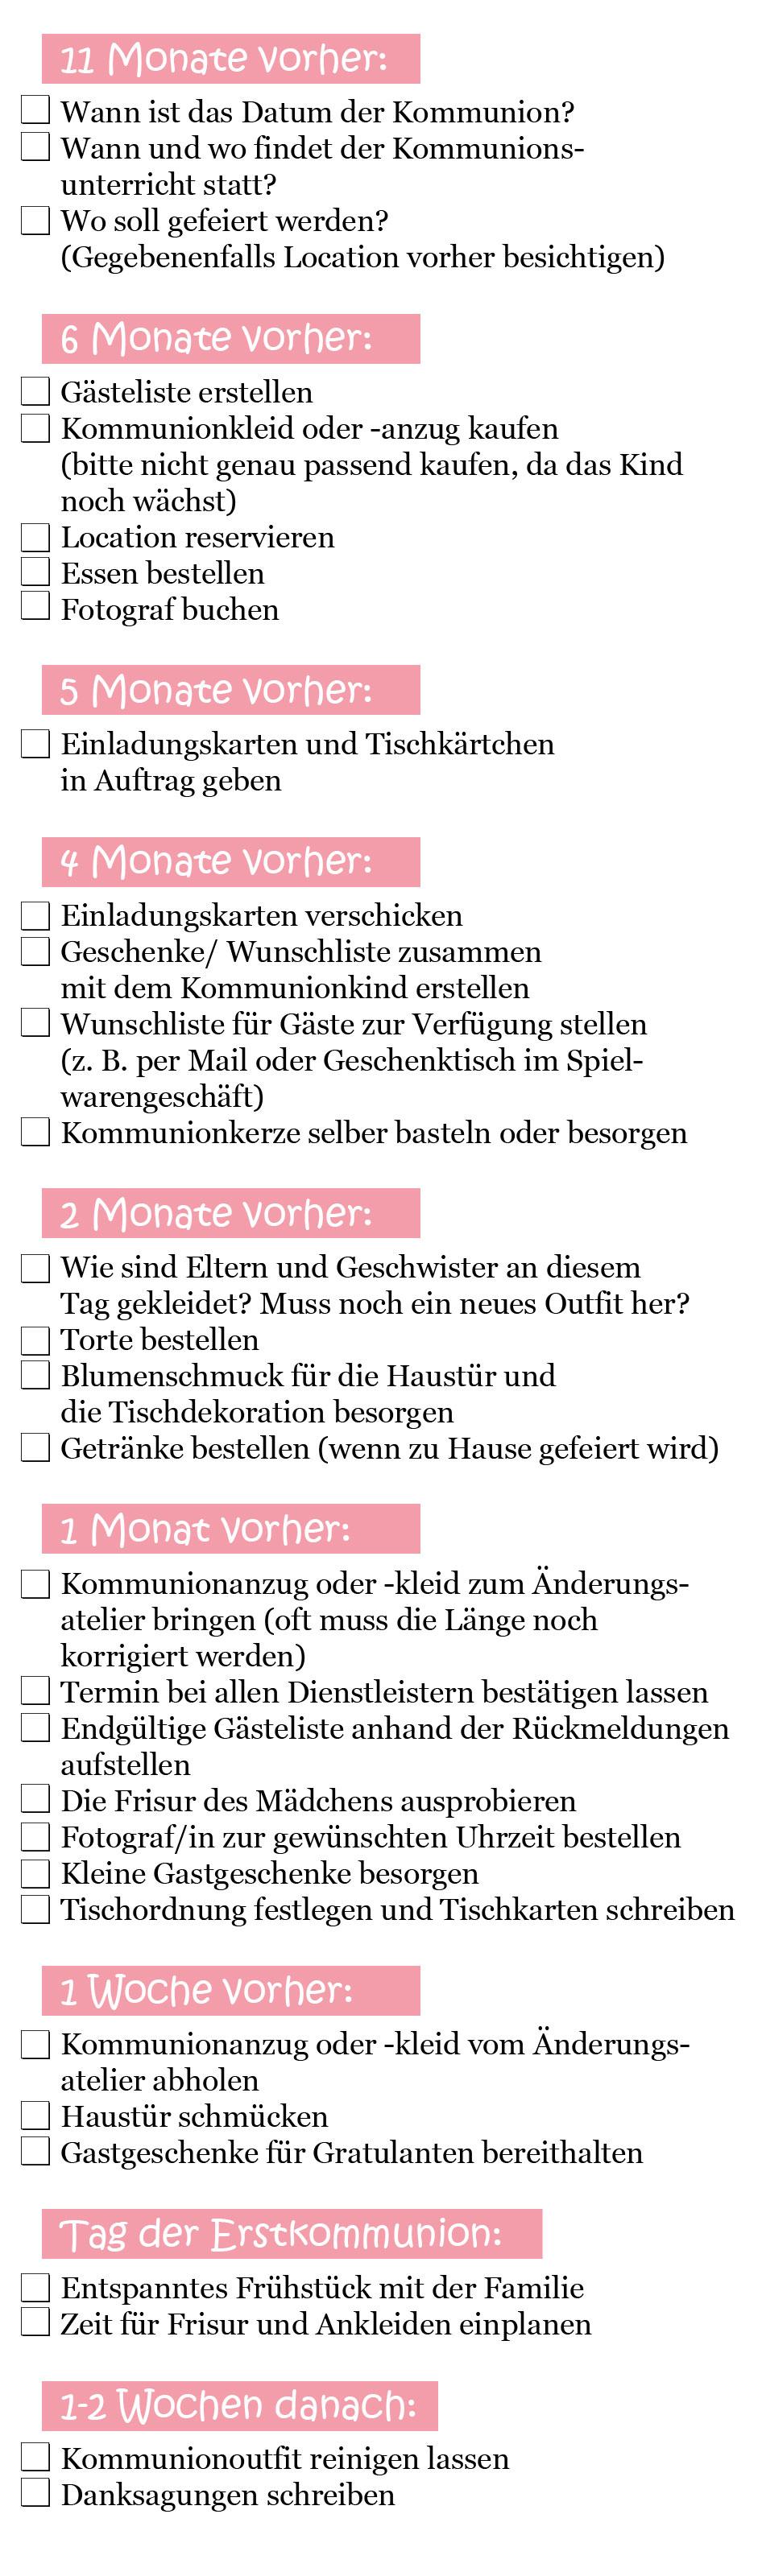 Checkliste_Erstkommunion